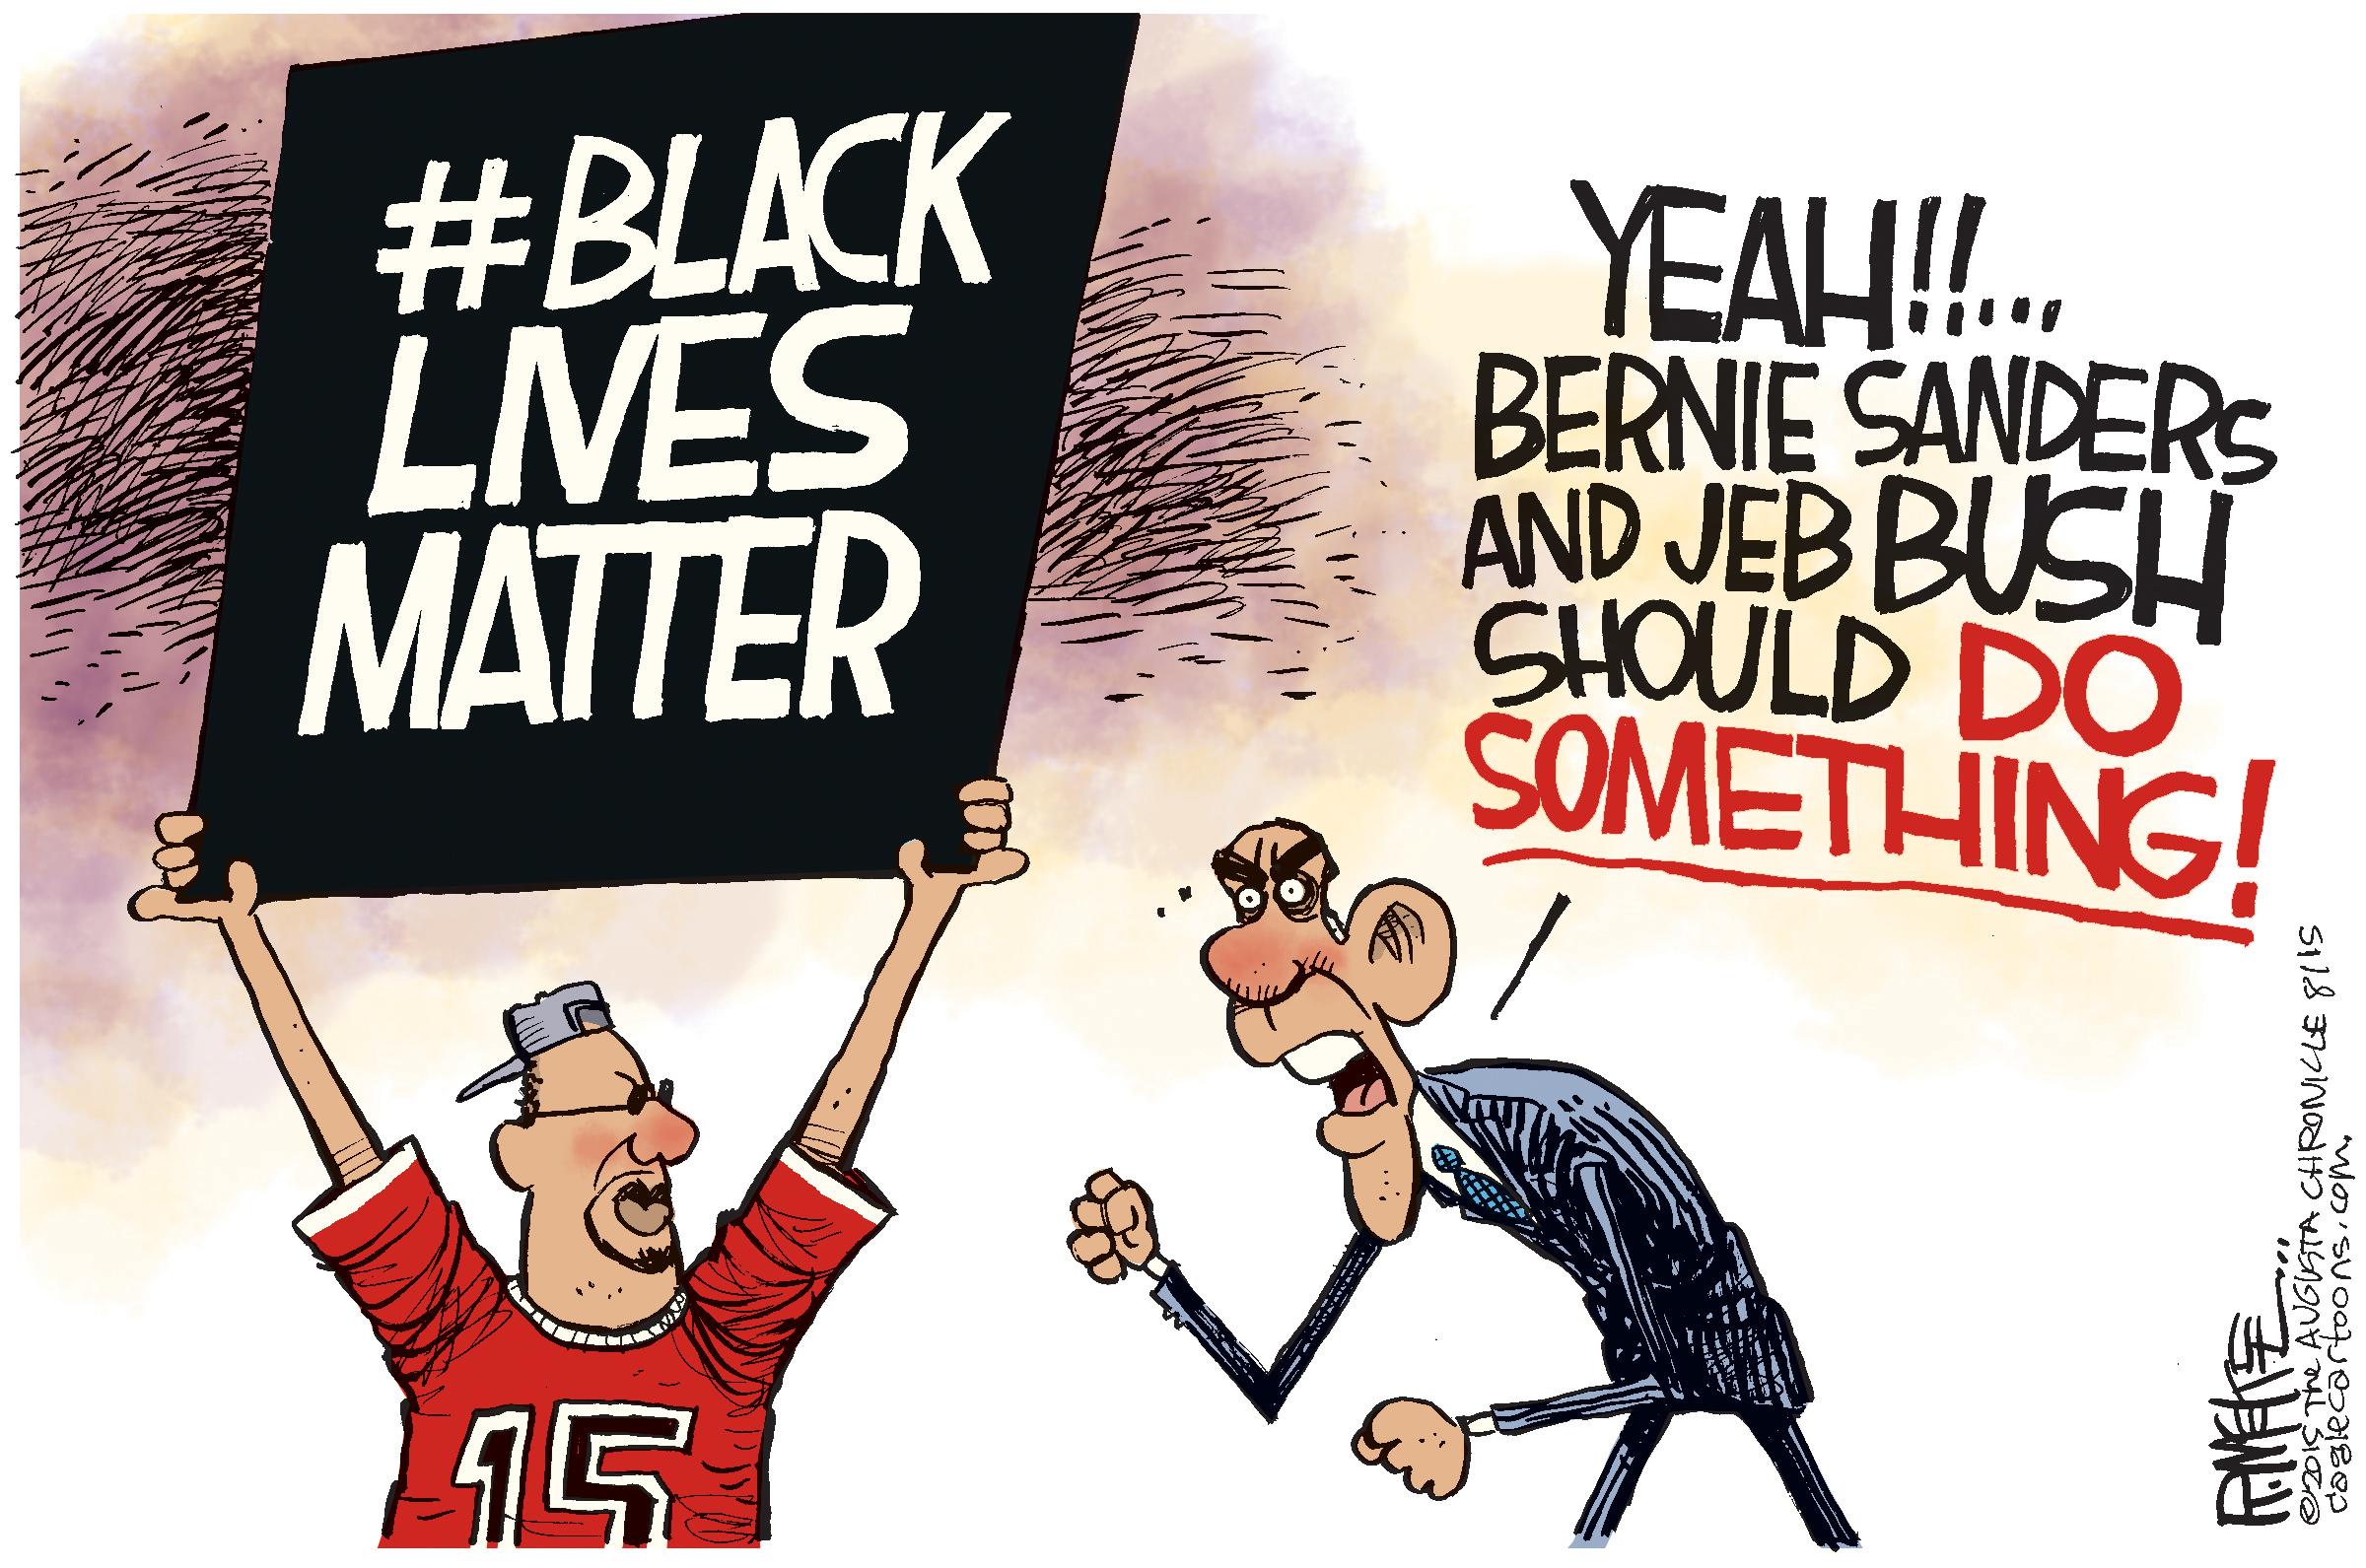 editorial cartoon black lives matter